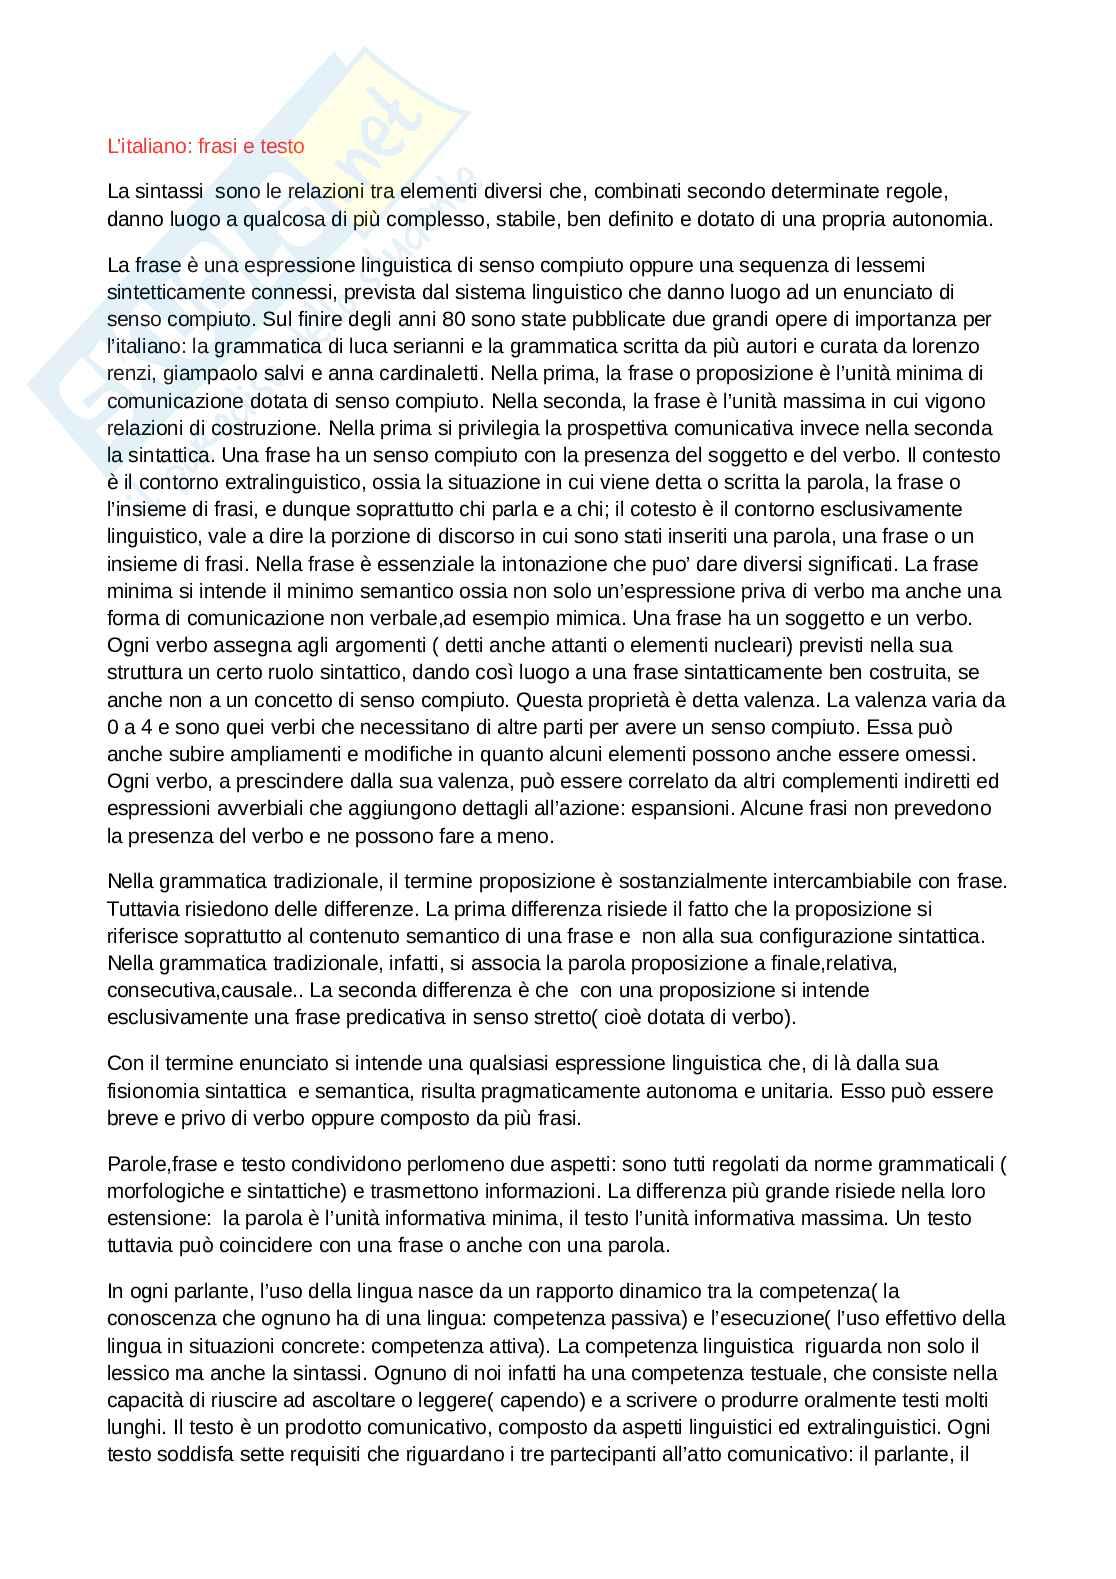 Redazione e revisione in lingua italiana - italiano, frasi e testo